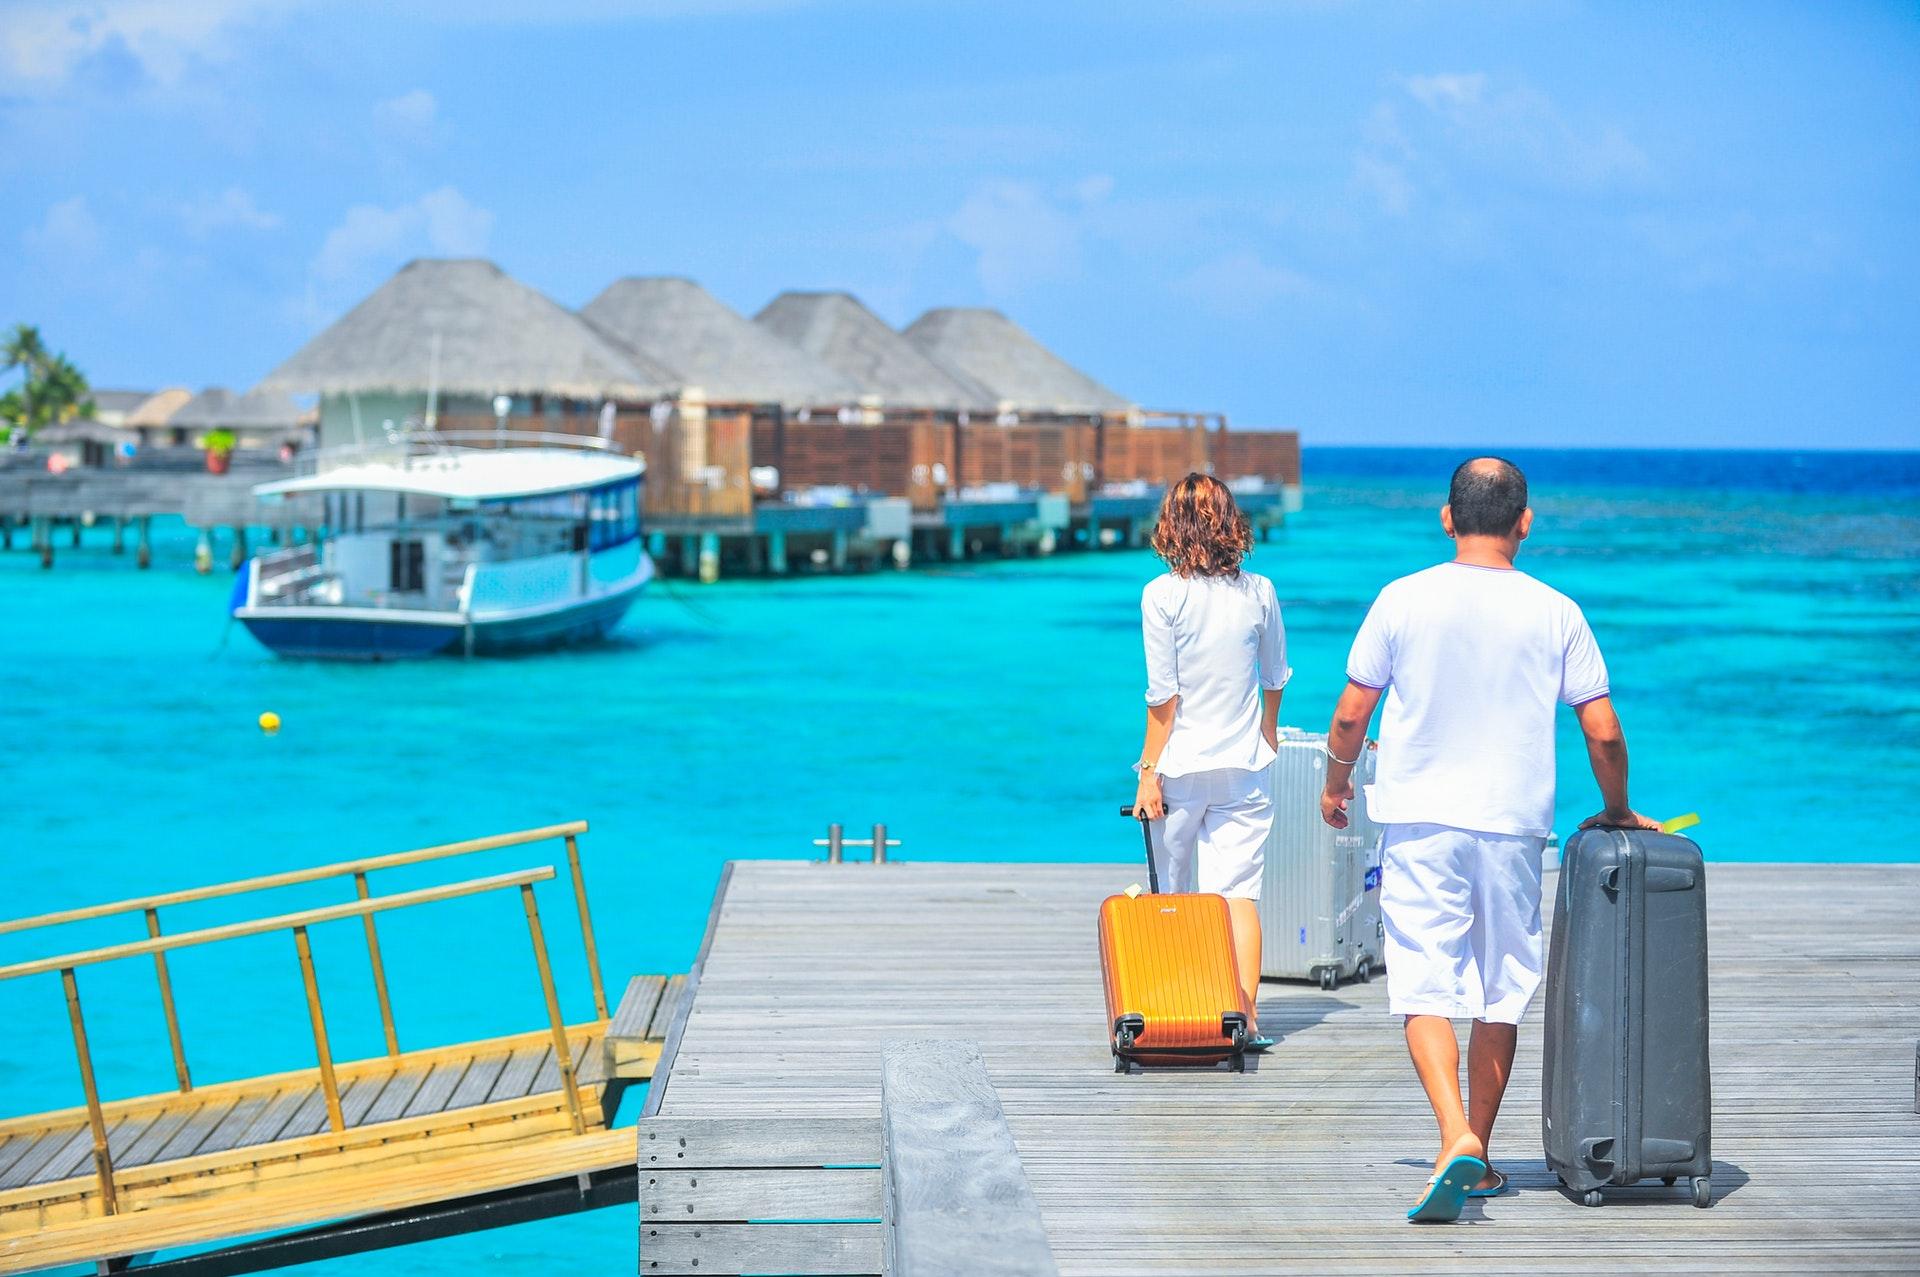 تابستانی به شیرینی سفر : افزایش چشمگیر تعداد گردشگران بینالمللی مالدیو